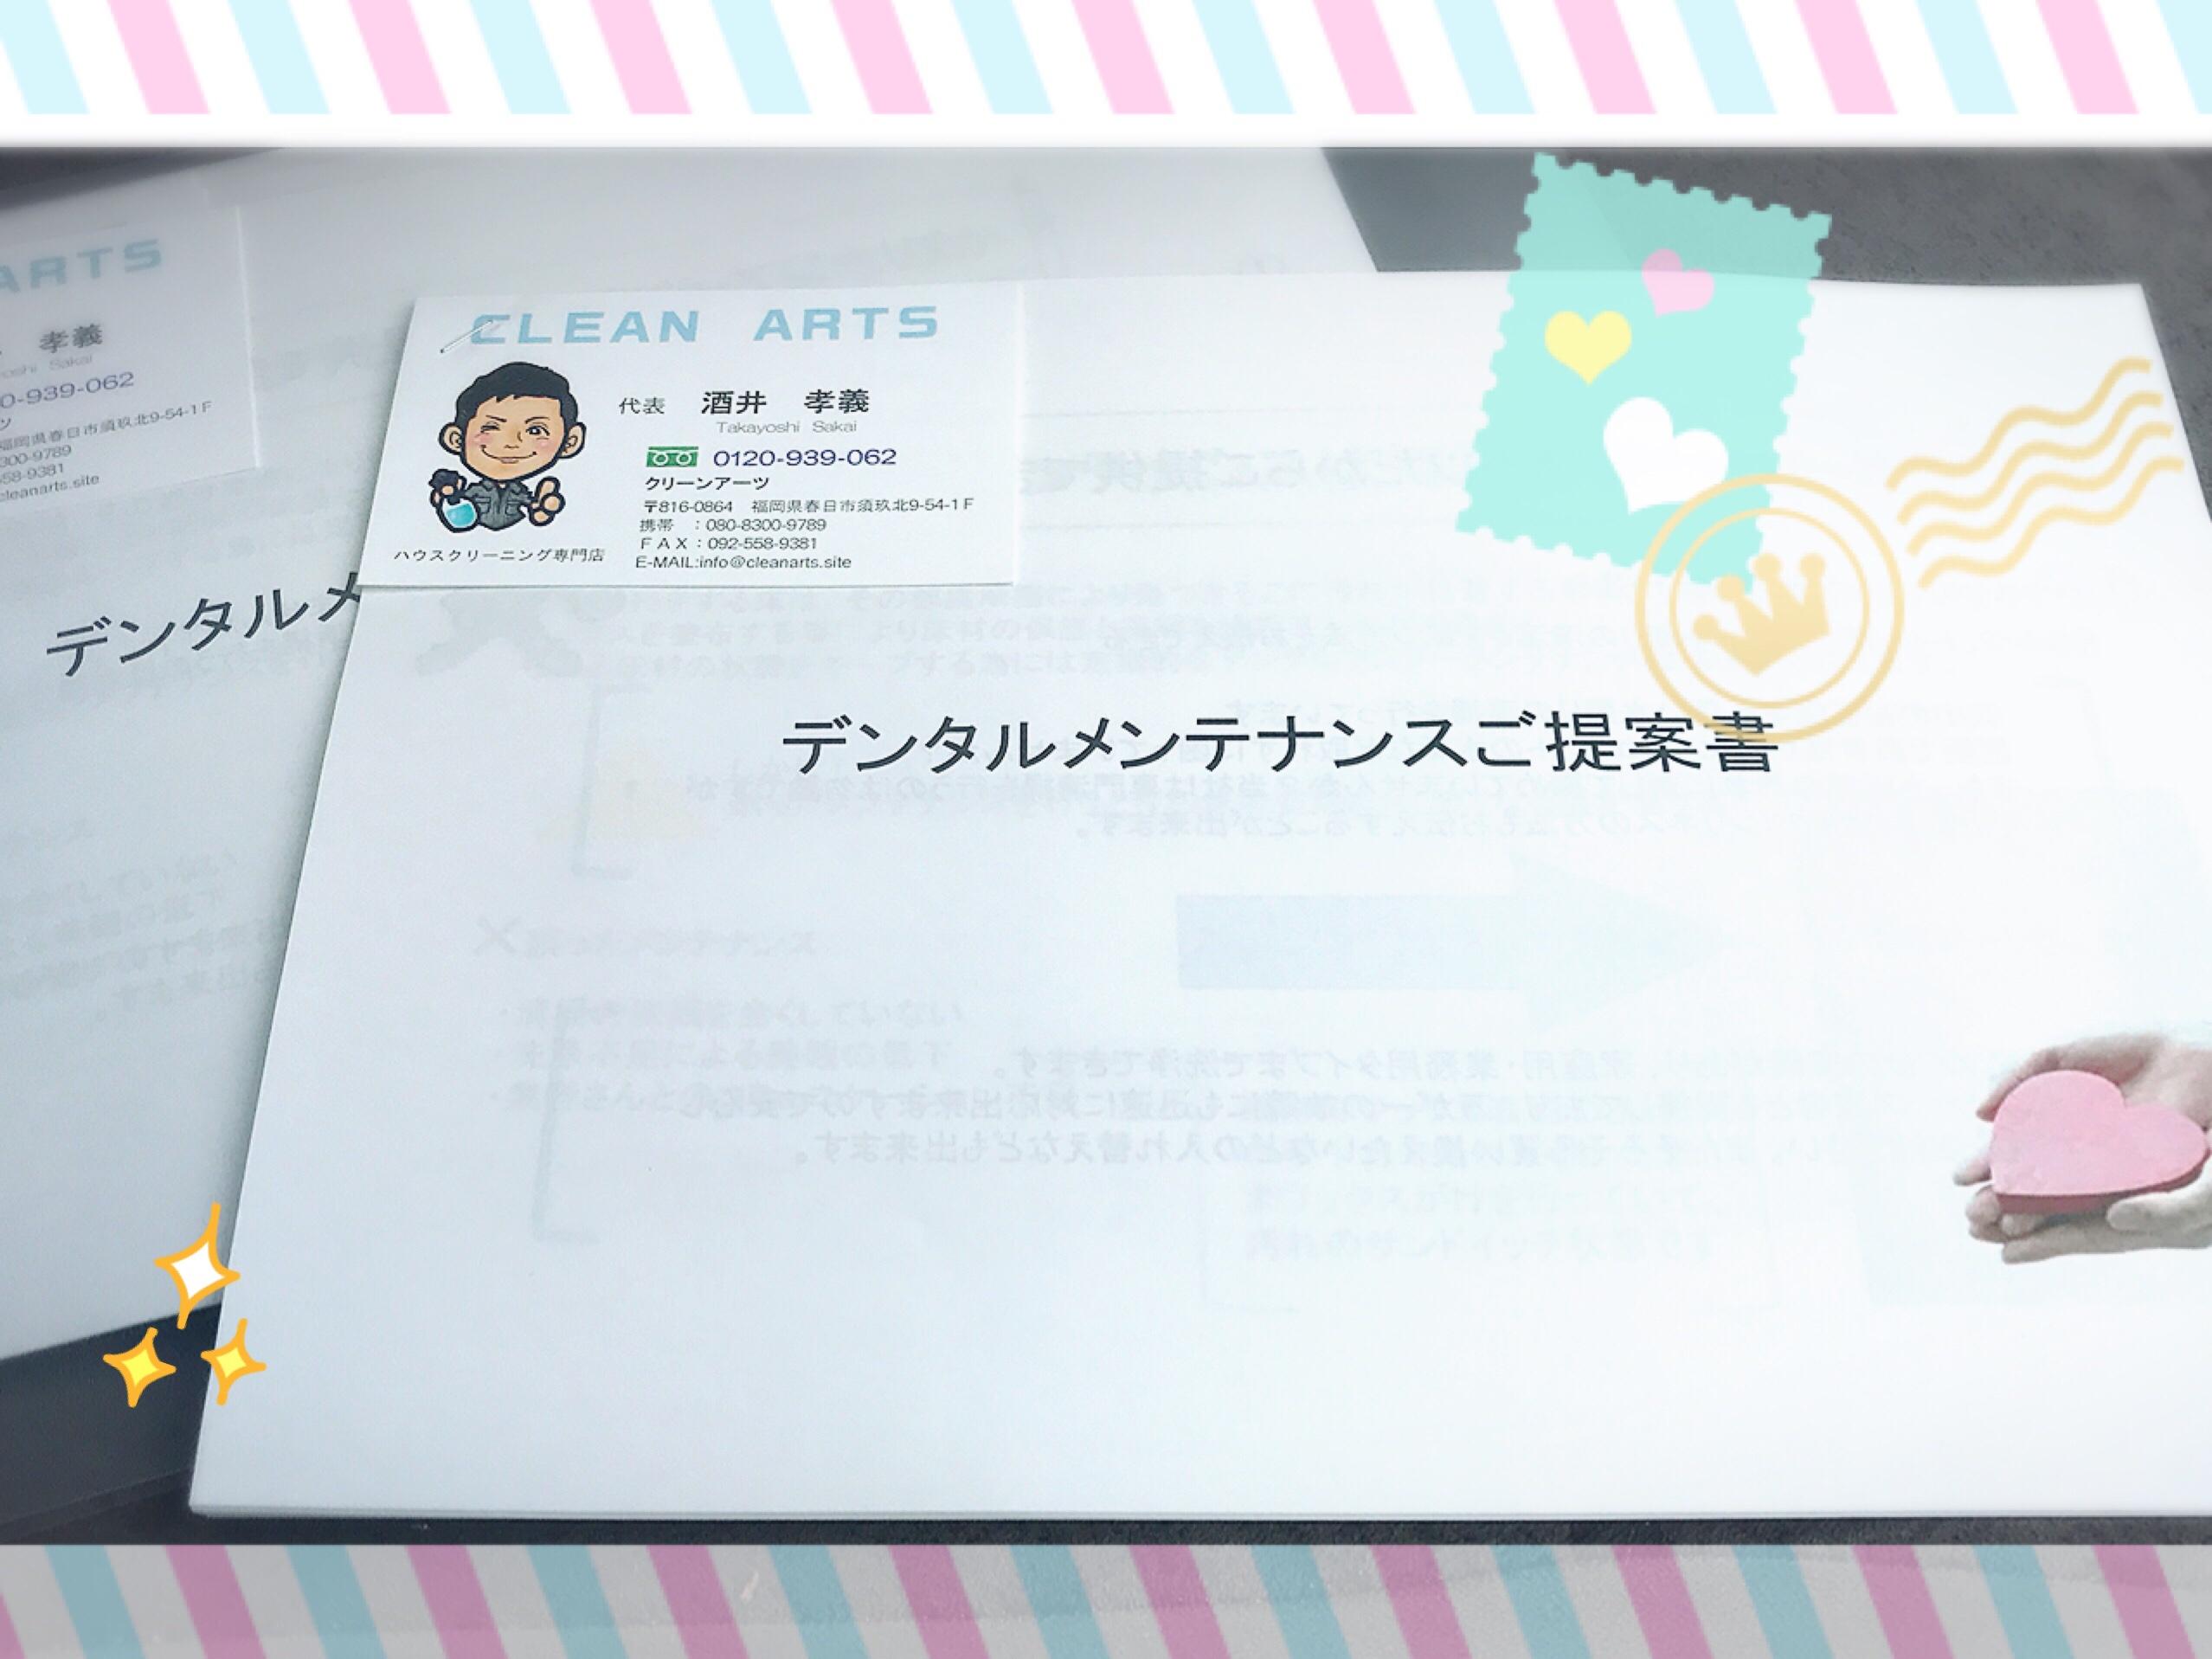 福岡市東区歯科医院でダイキンのエアコン掃除を行いました。